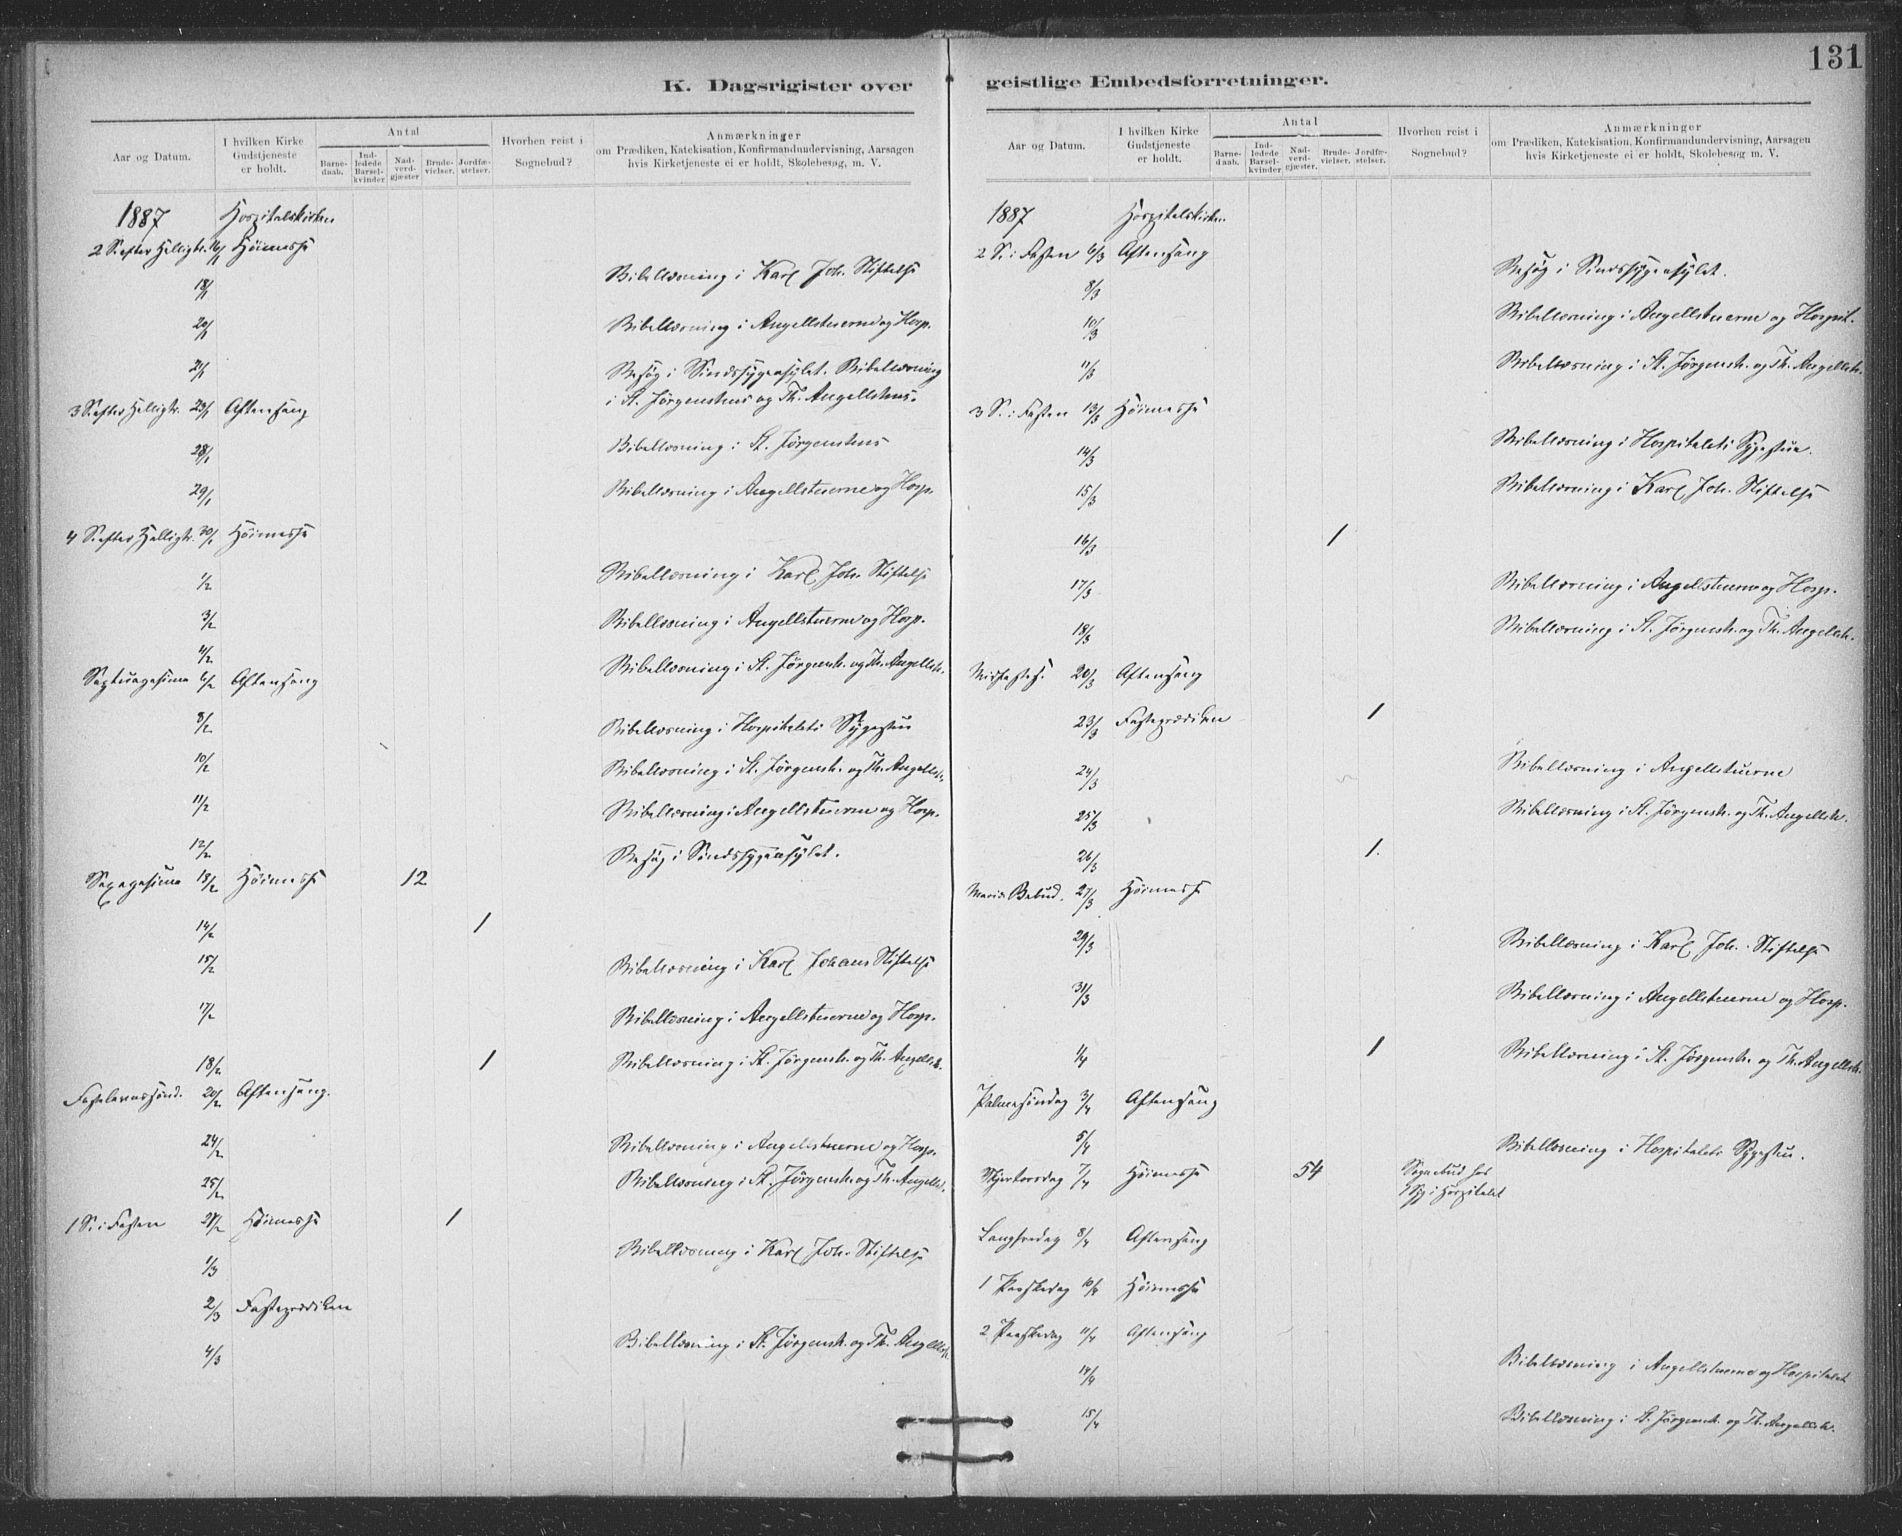 SAT, Ministerialprotokoller, klokkerbøker og fødselsregistre - Sør-Trøndelag, 623/L0470: Ministerialbok nr. 623A04, 1884-1938, s. 131